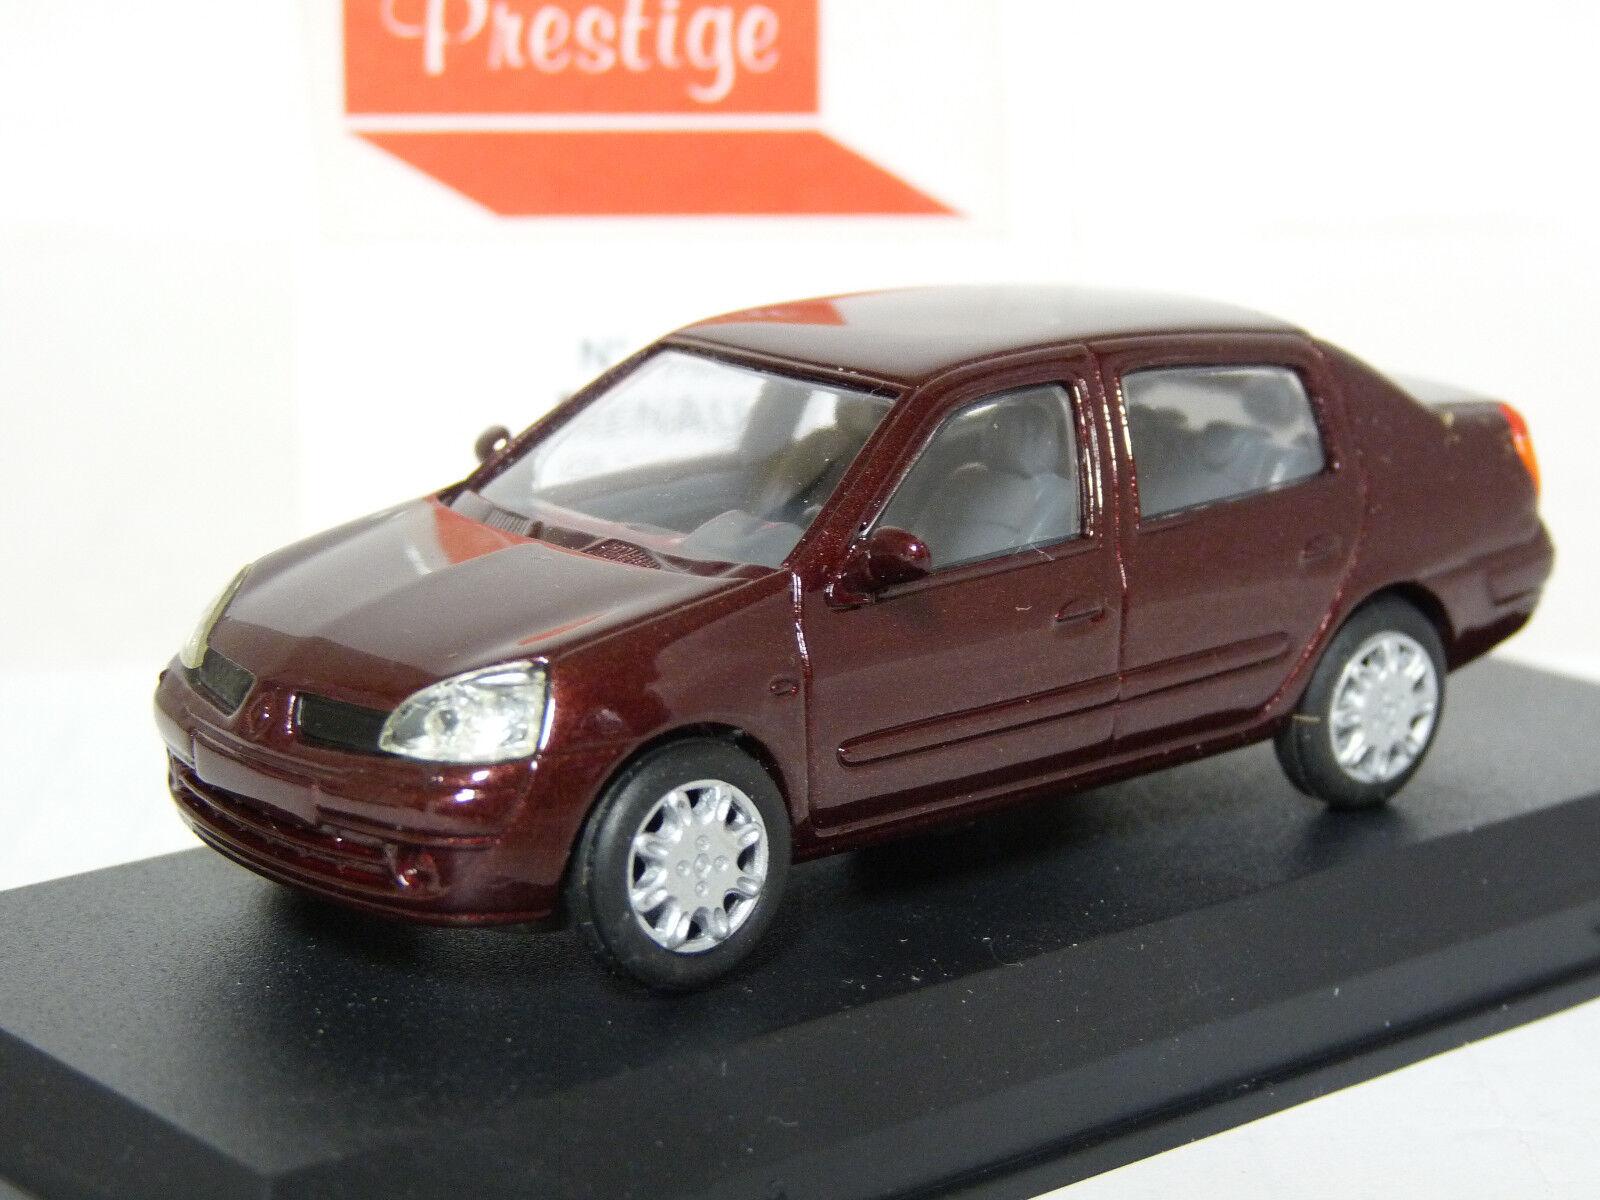 Prestige PM77 1 43 Renault Clio Symbol Thalia Handmade Résine Voiture Modèle Marron